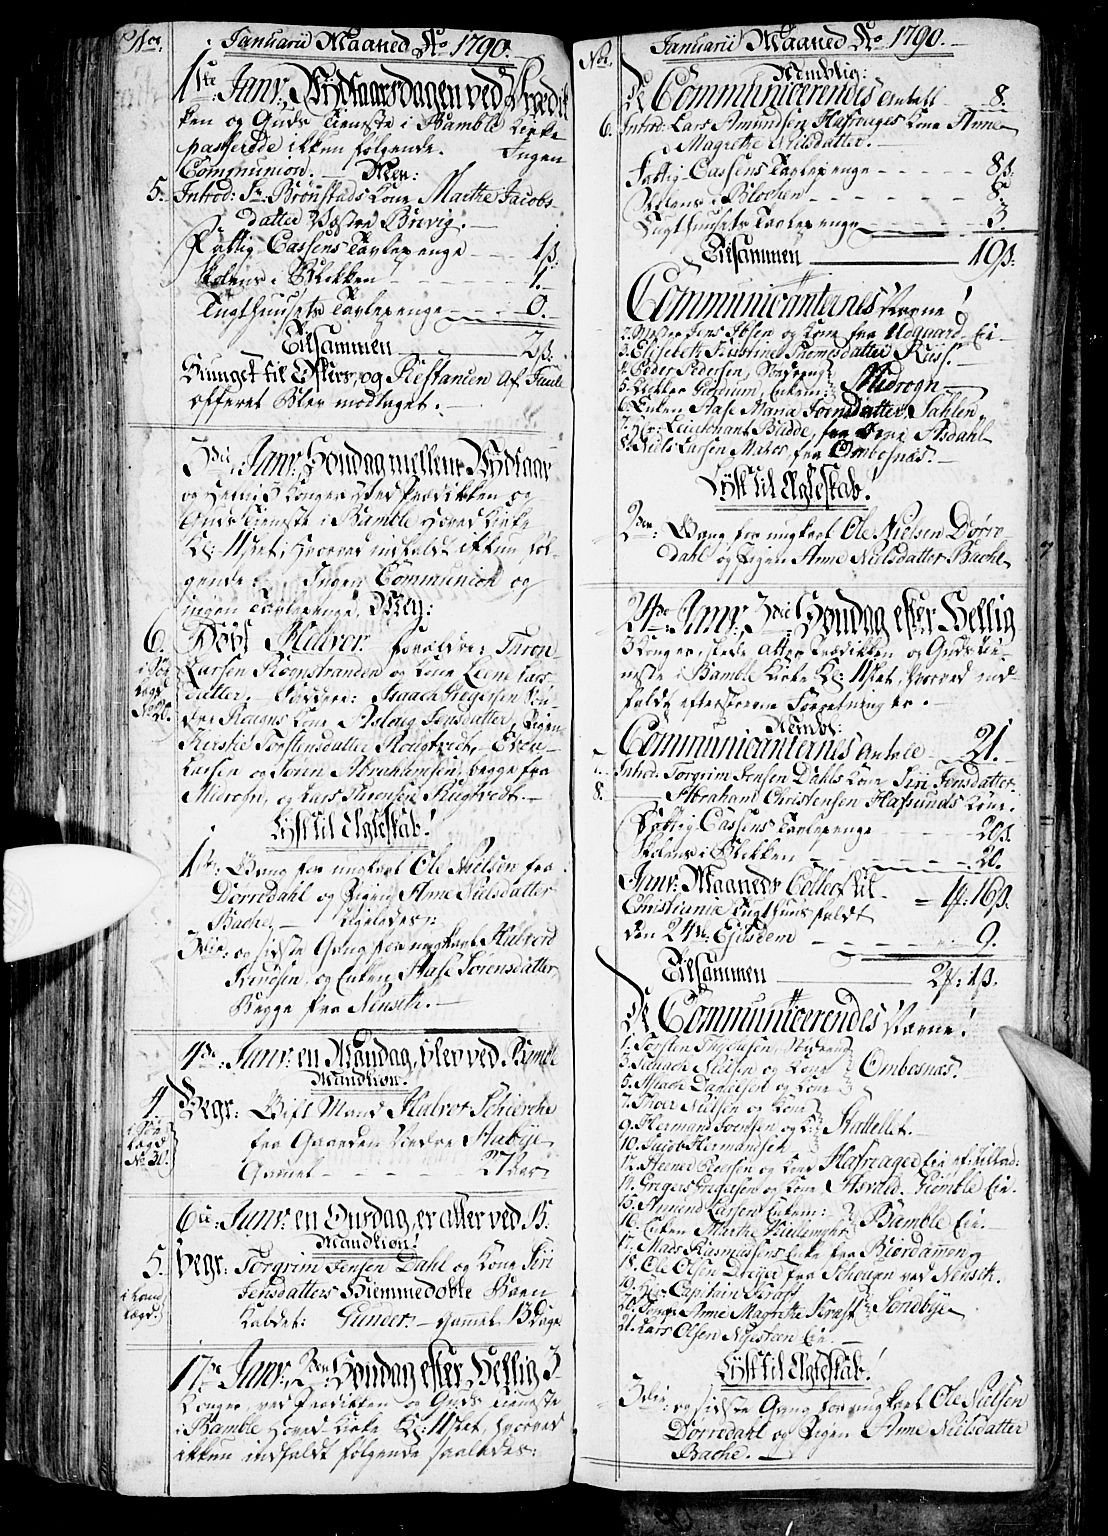 SAKO, Bamble kirkebøker, G/Ga/L0001: Klokkerbok nr. I 1, 1785-1793